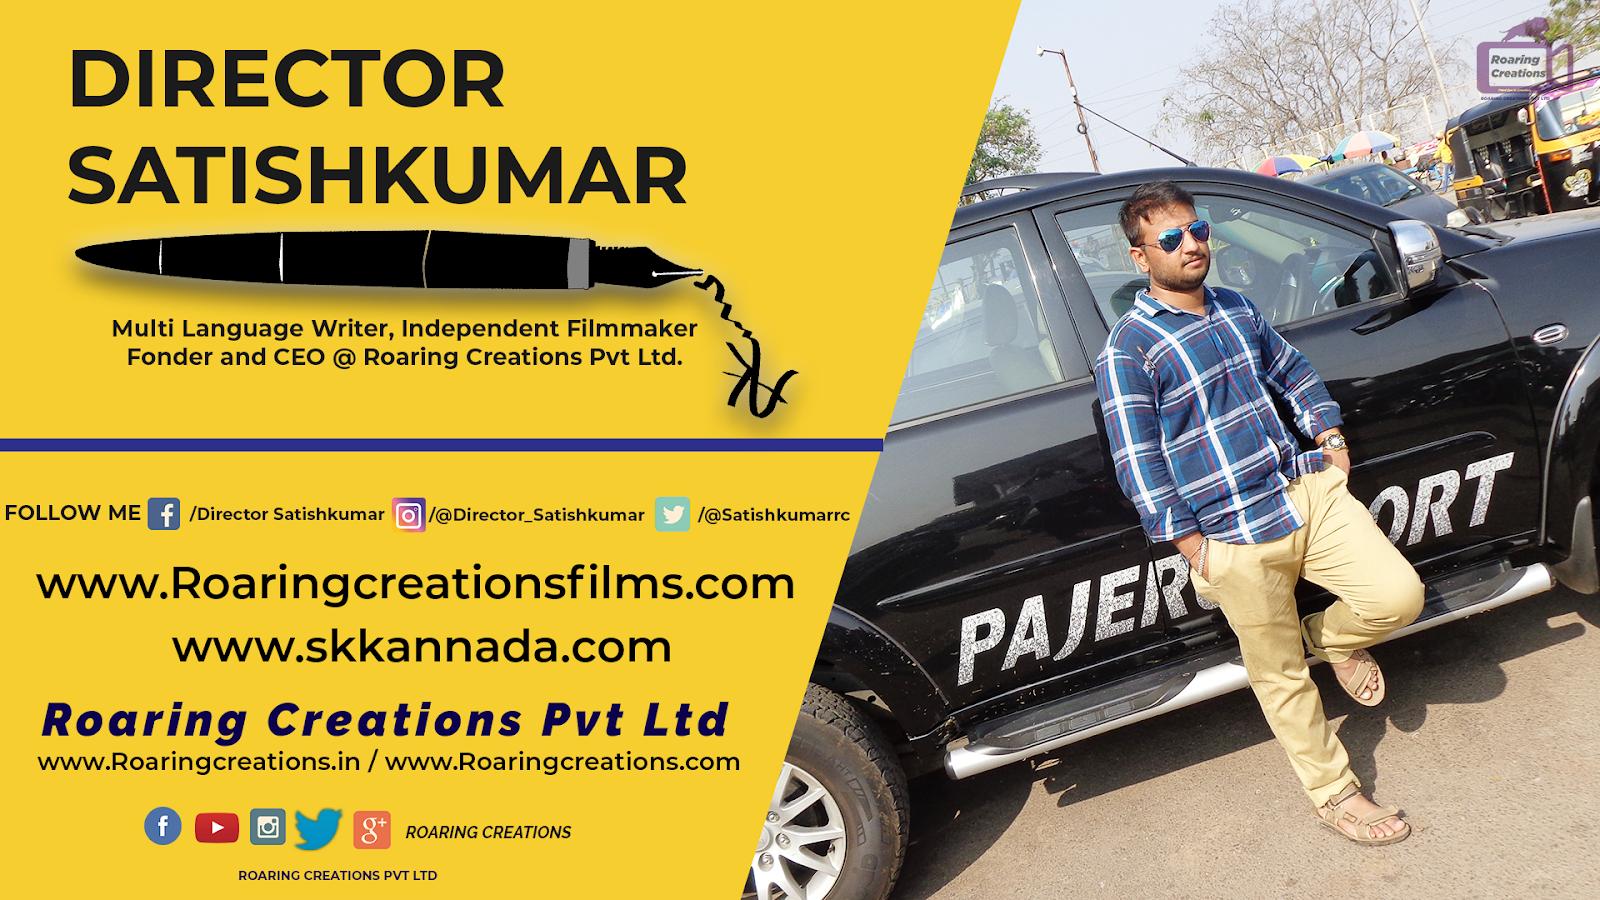 Director Satishkumar Biography